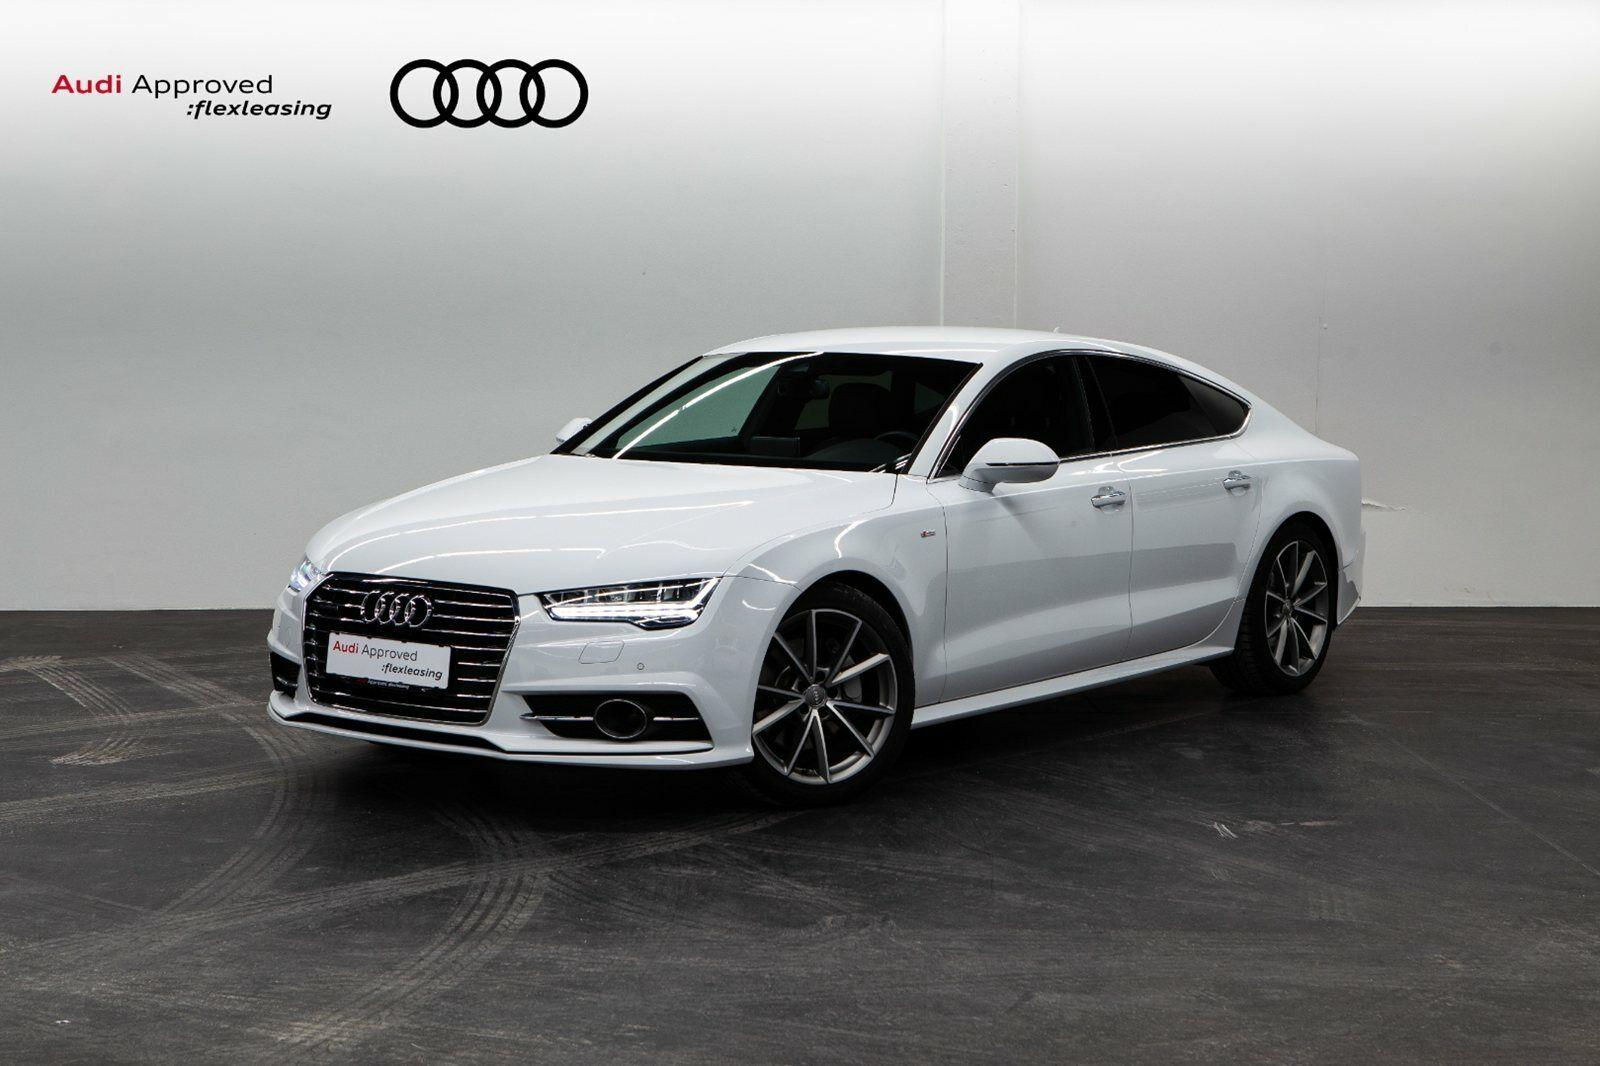 Audi A7 3,0 TDi 272 SB quattro S-tr. 5d - 3.990 kr.